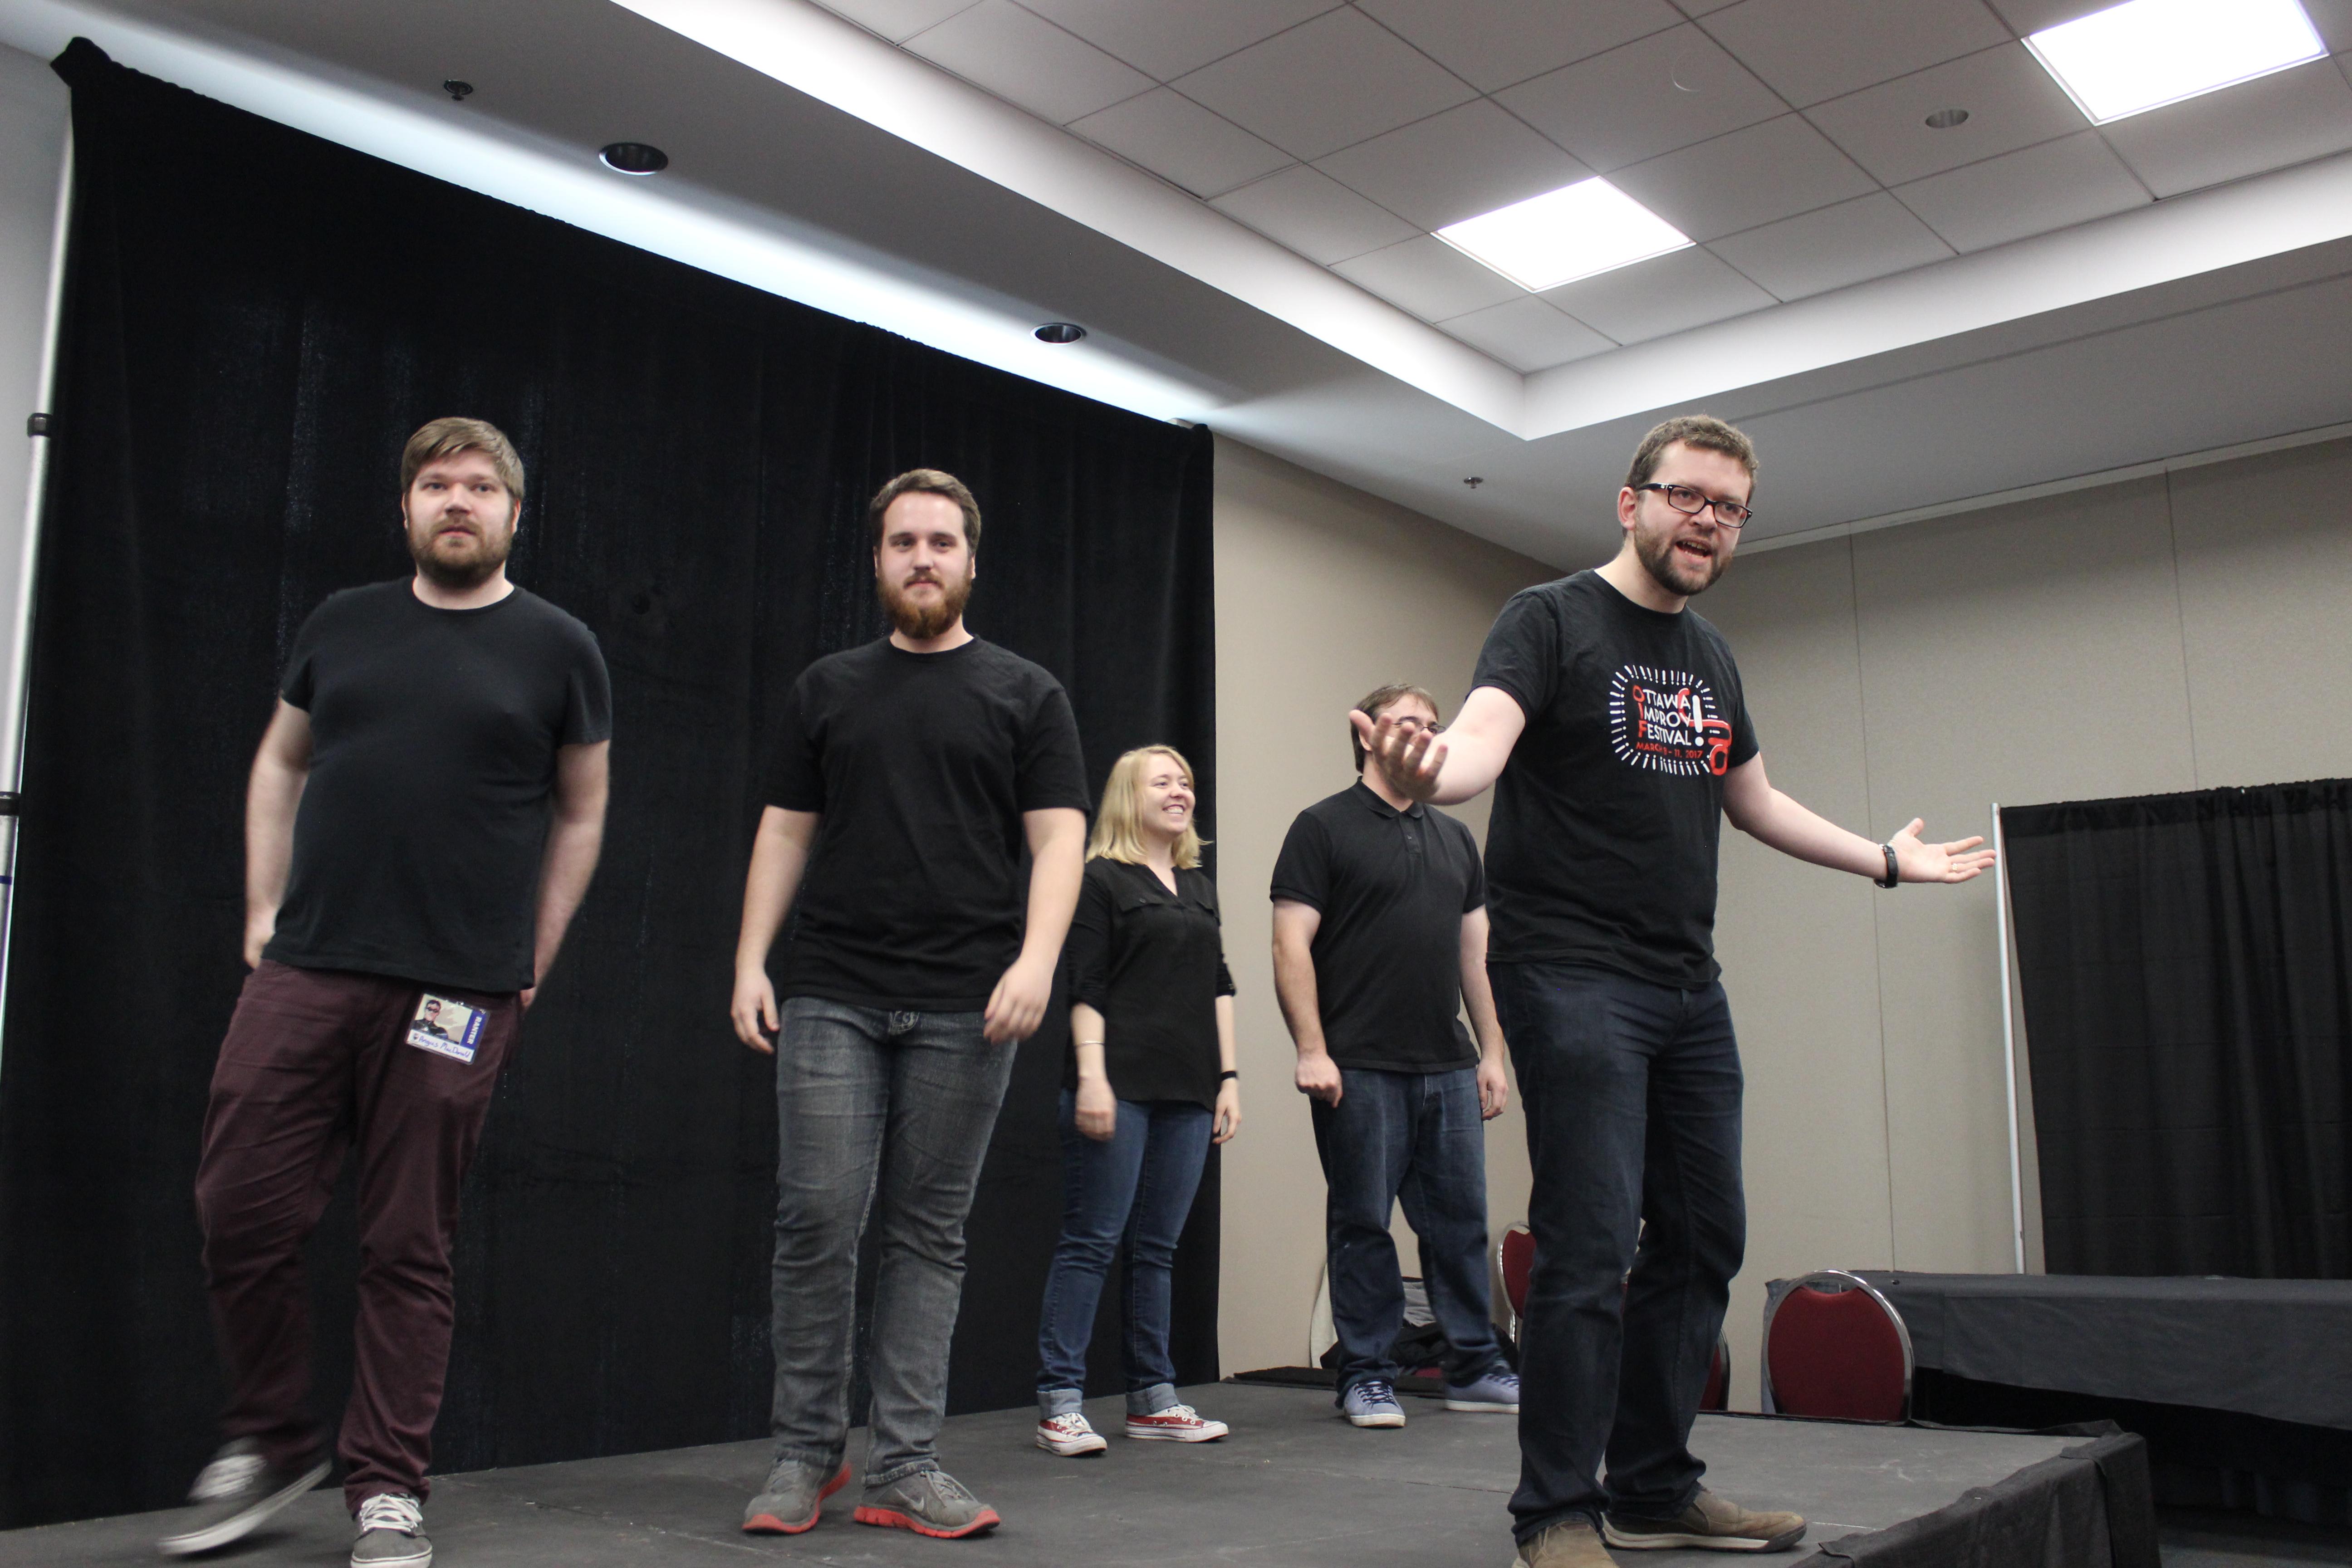 Le moment fort de mon expérience au ComicCon d'Ottawa a été la joute d'improvisation sur thème de Donjons et Dragons